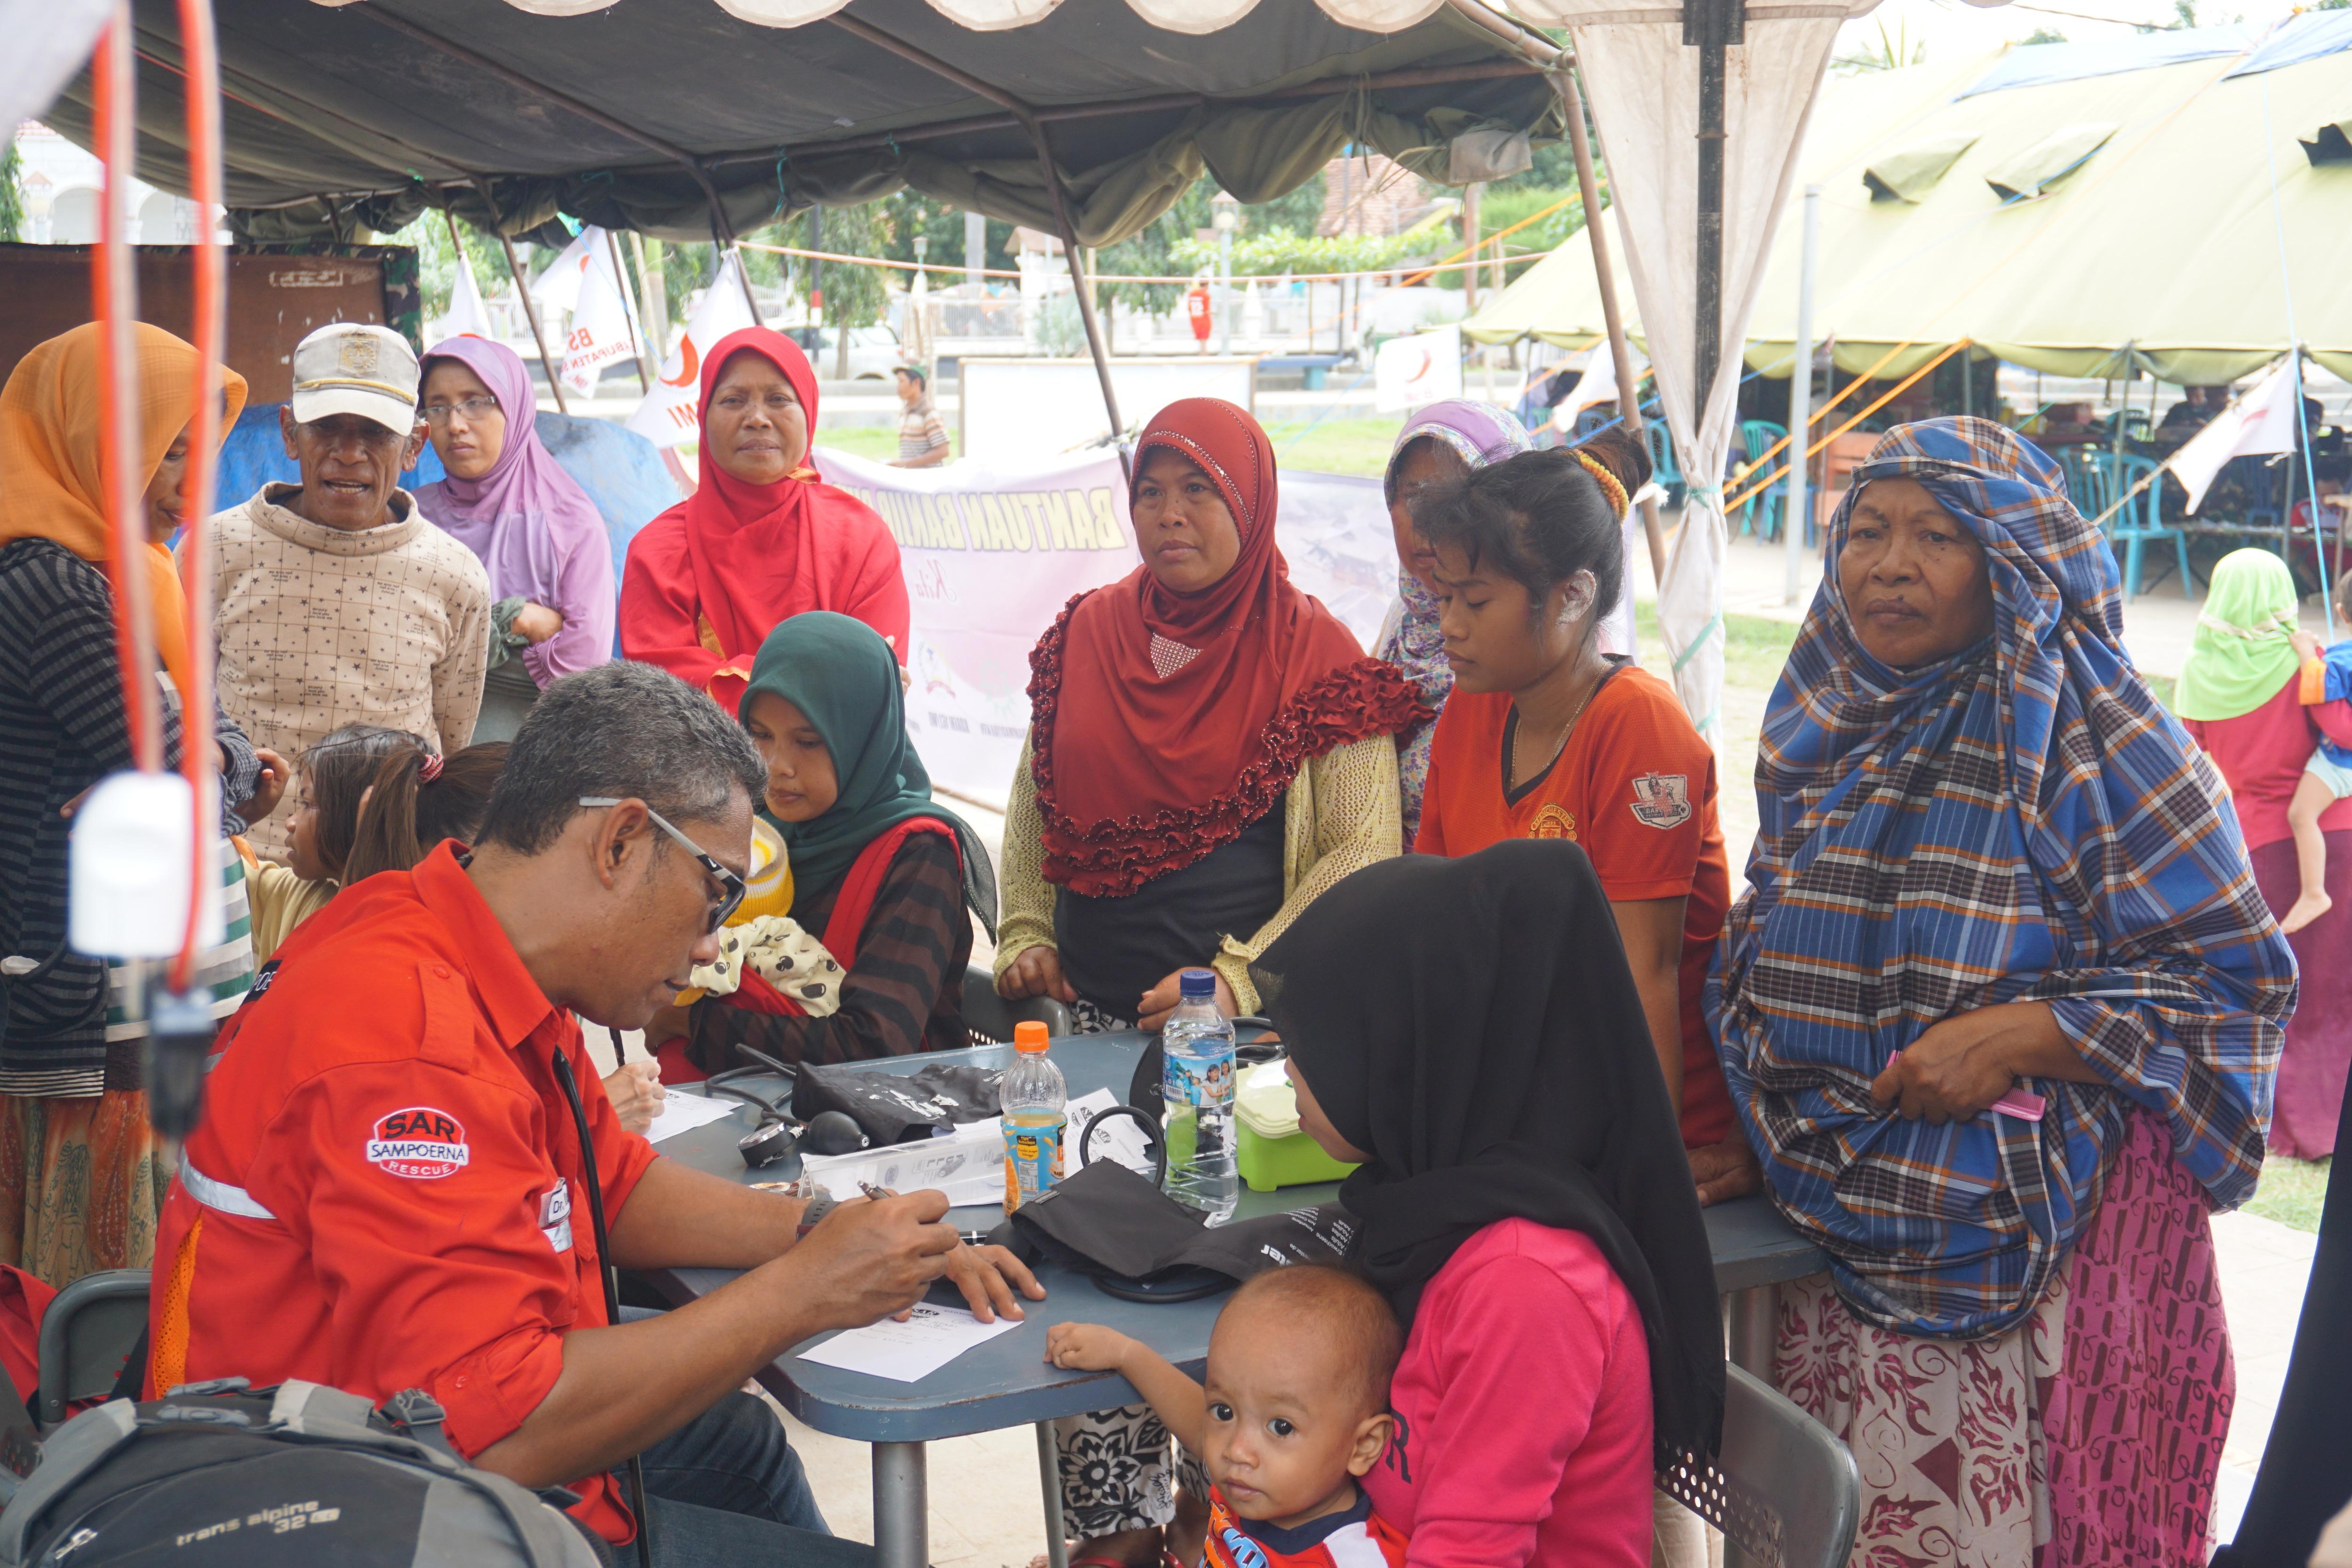 Pengobatan Gratis pasca banjir bandang di Bima - NTB